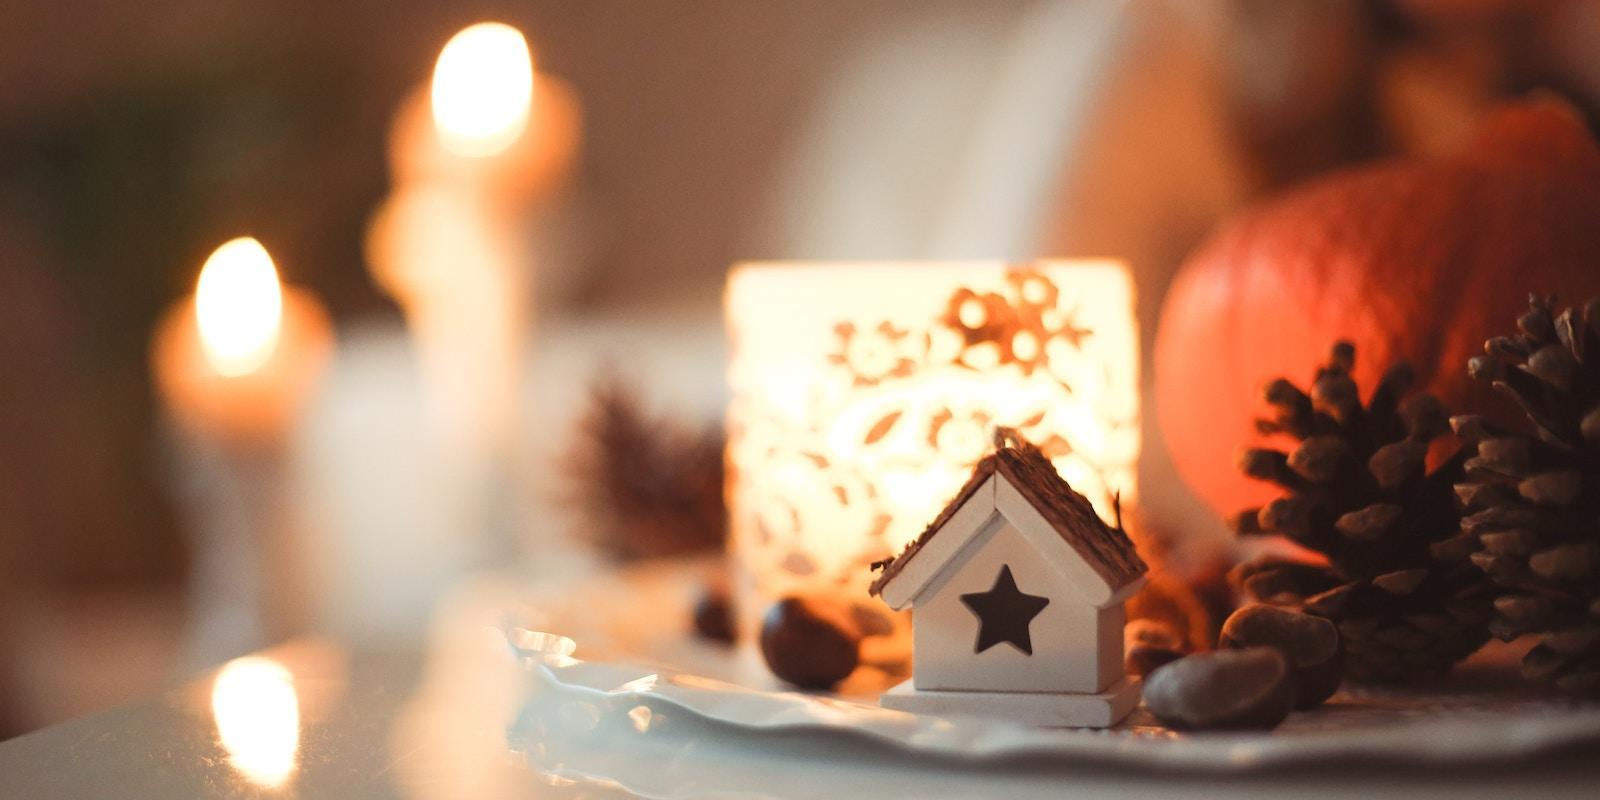 Oslavte svátek světel a dopřejte si voňavý advent